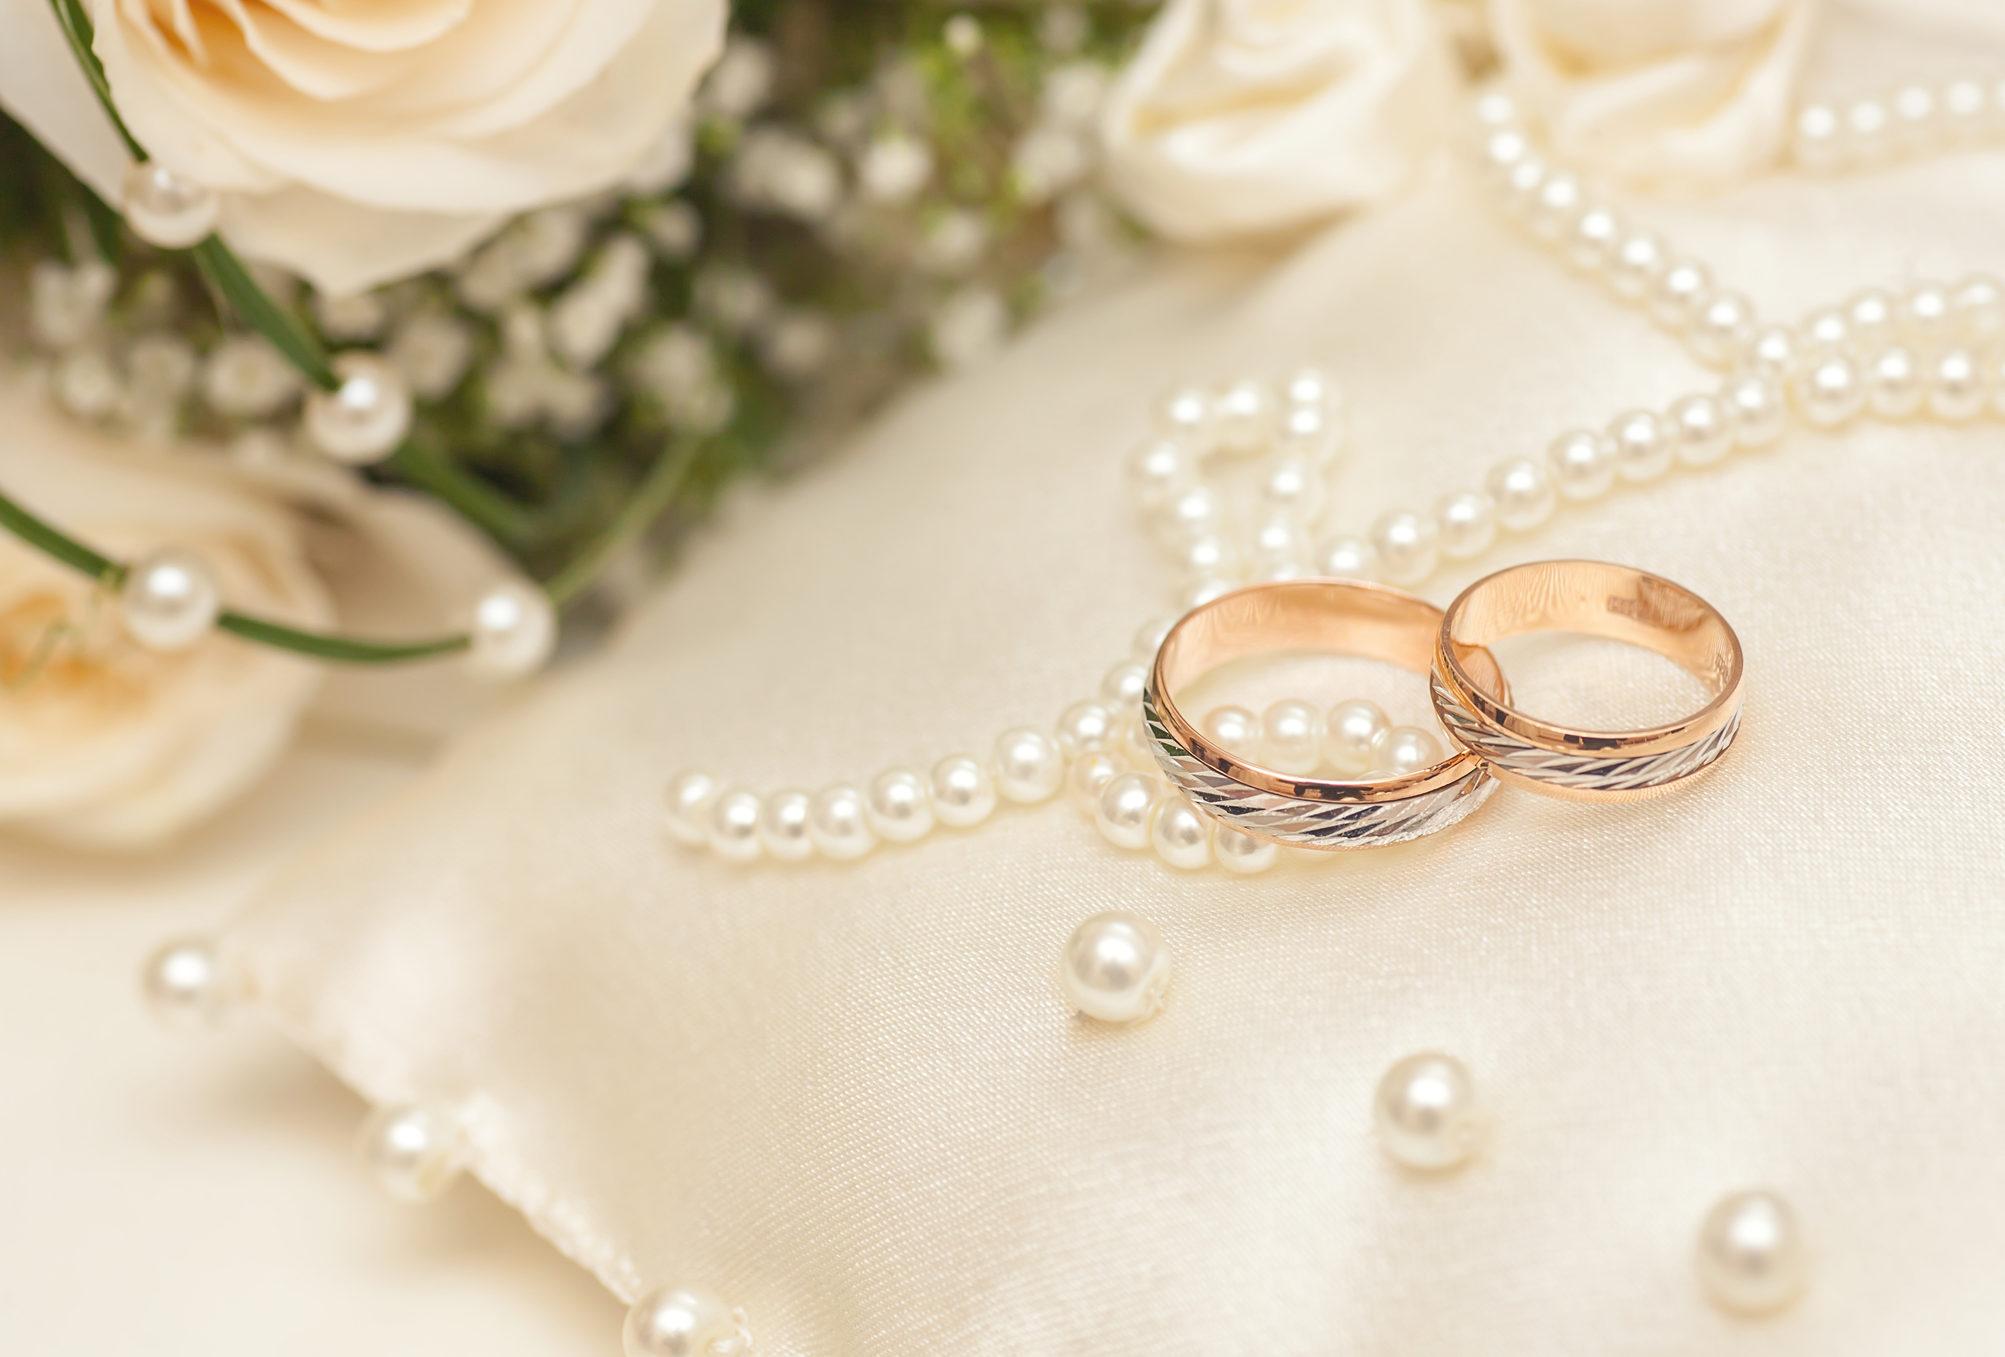 Diamantene Hochzeit 50 Spruche 10 Gedichte Vorlagen Zum Jubilaum